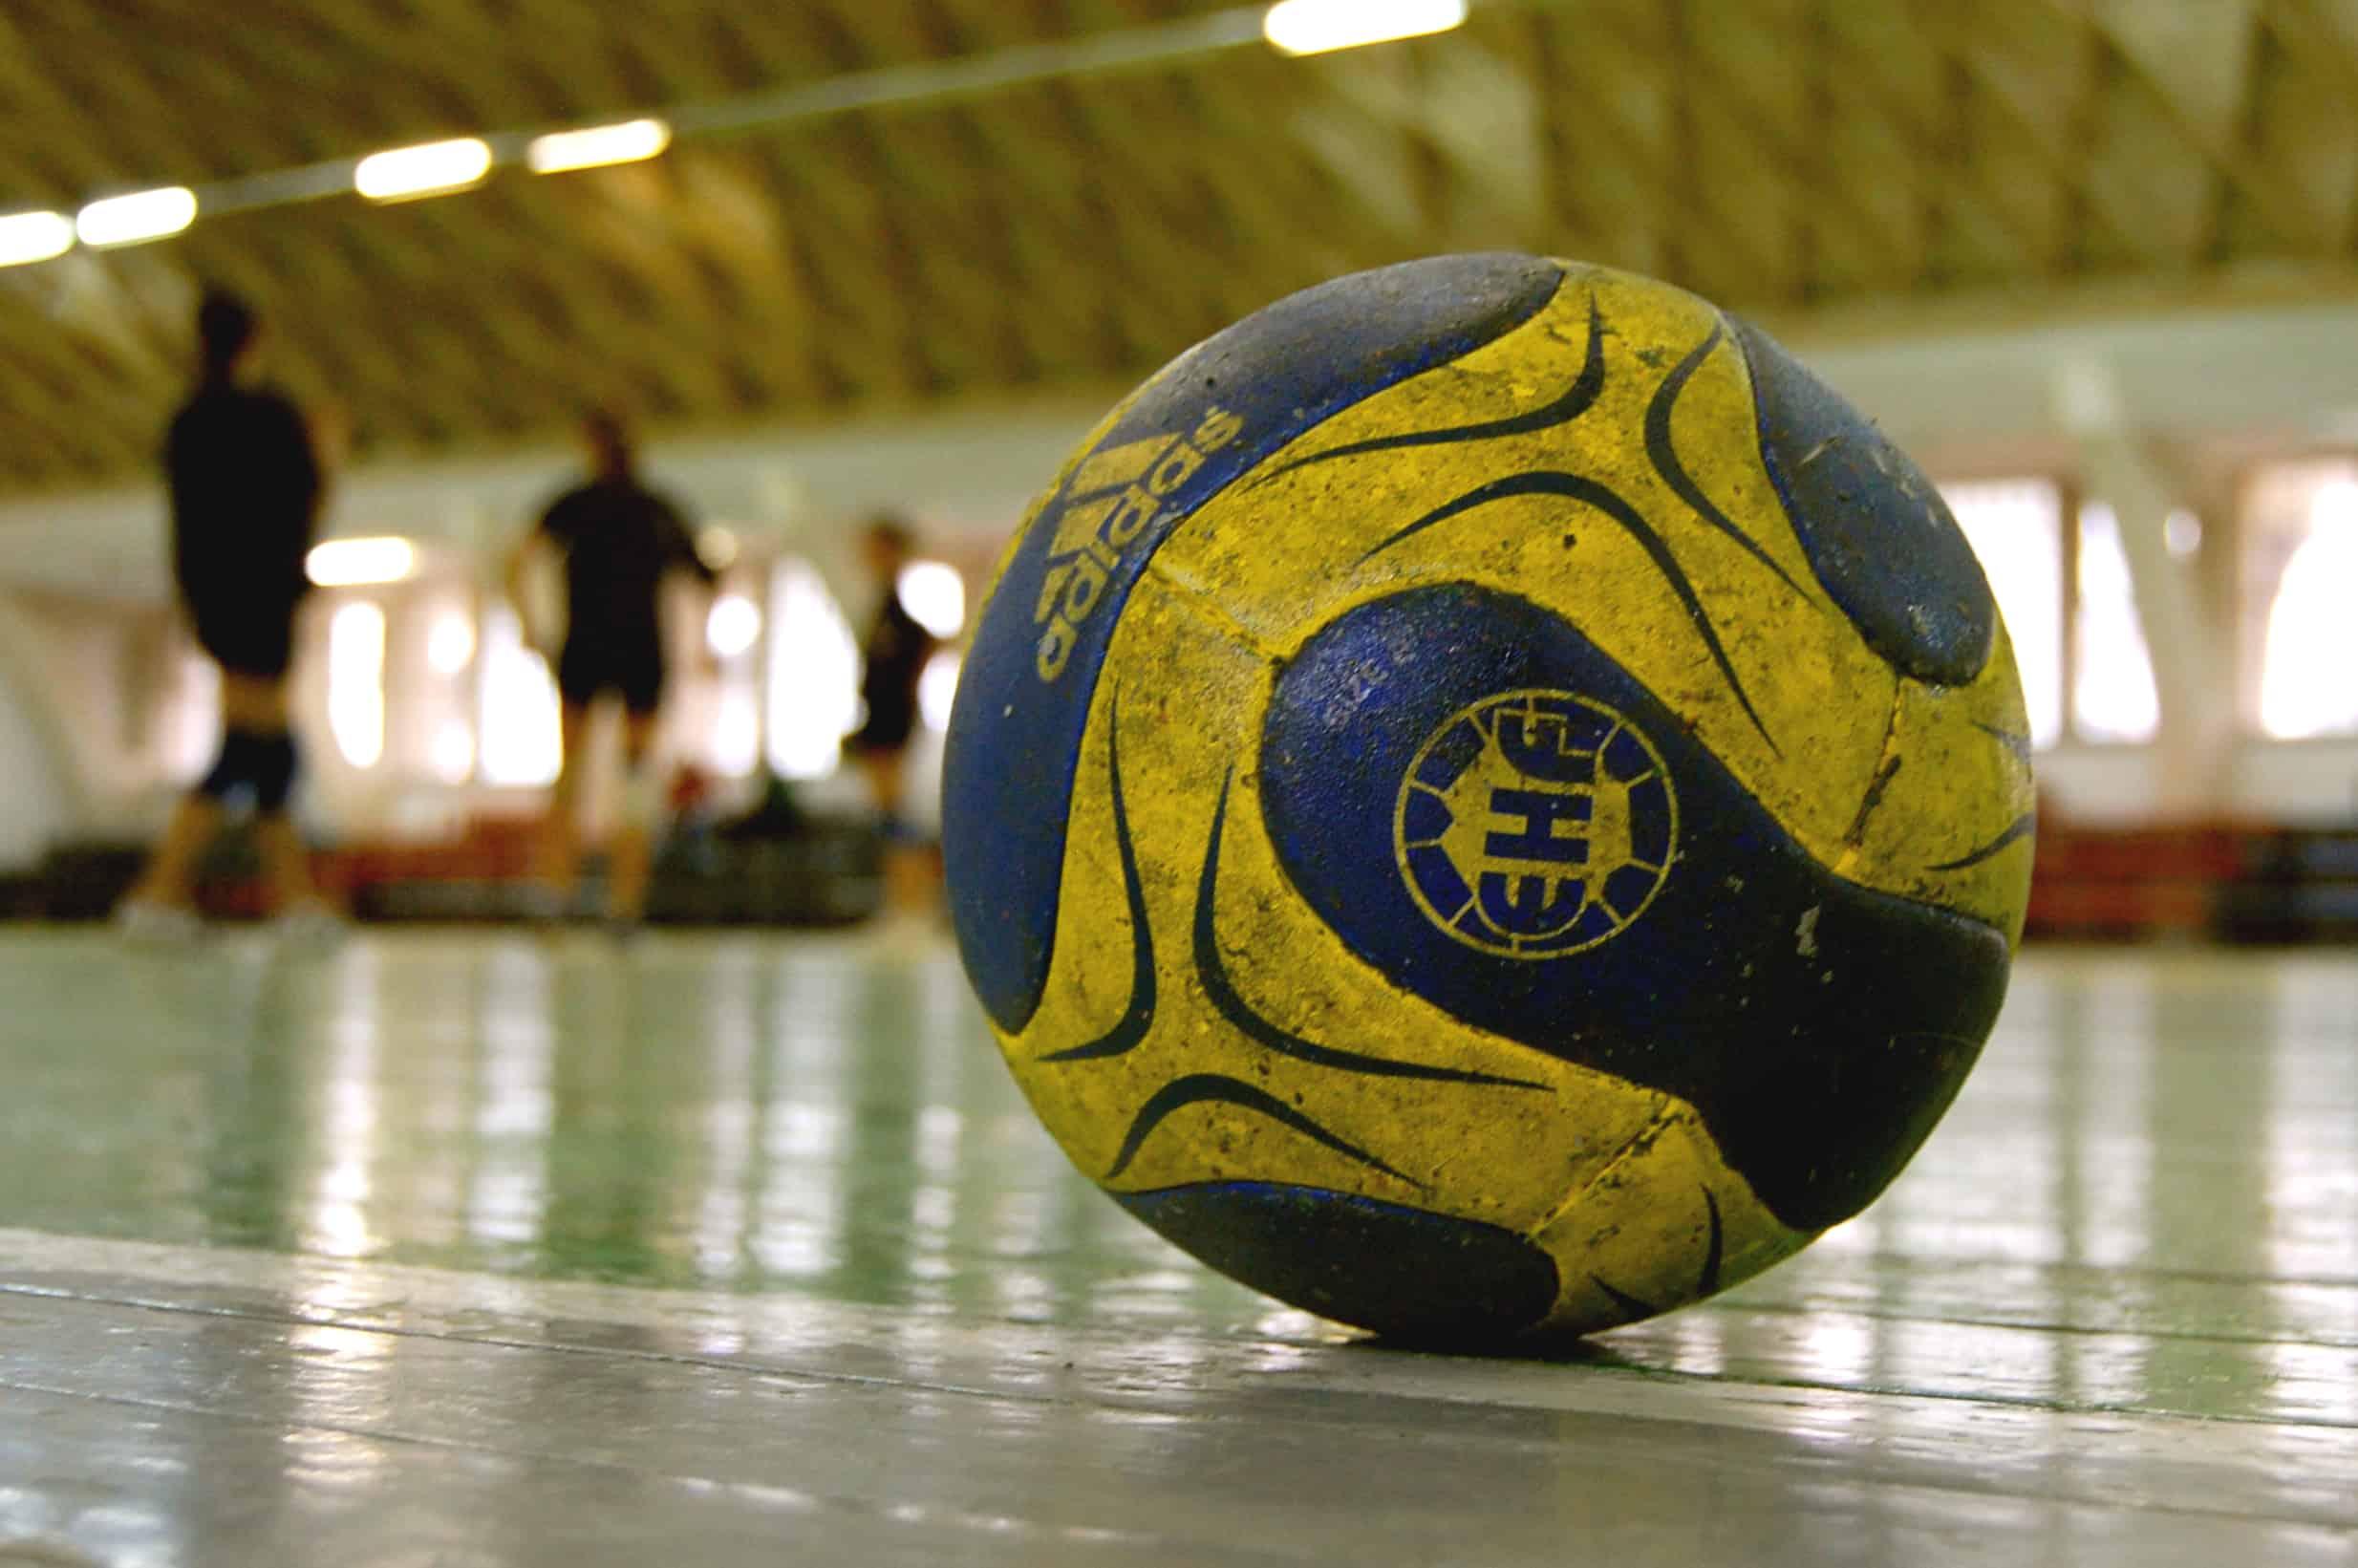 Folj kroatiensverige i handbolls em